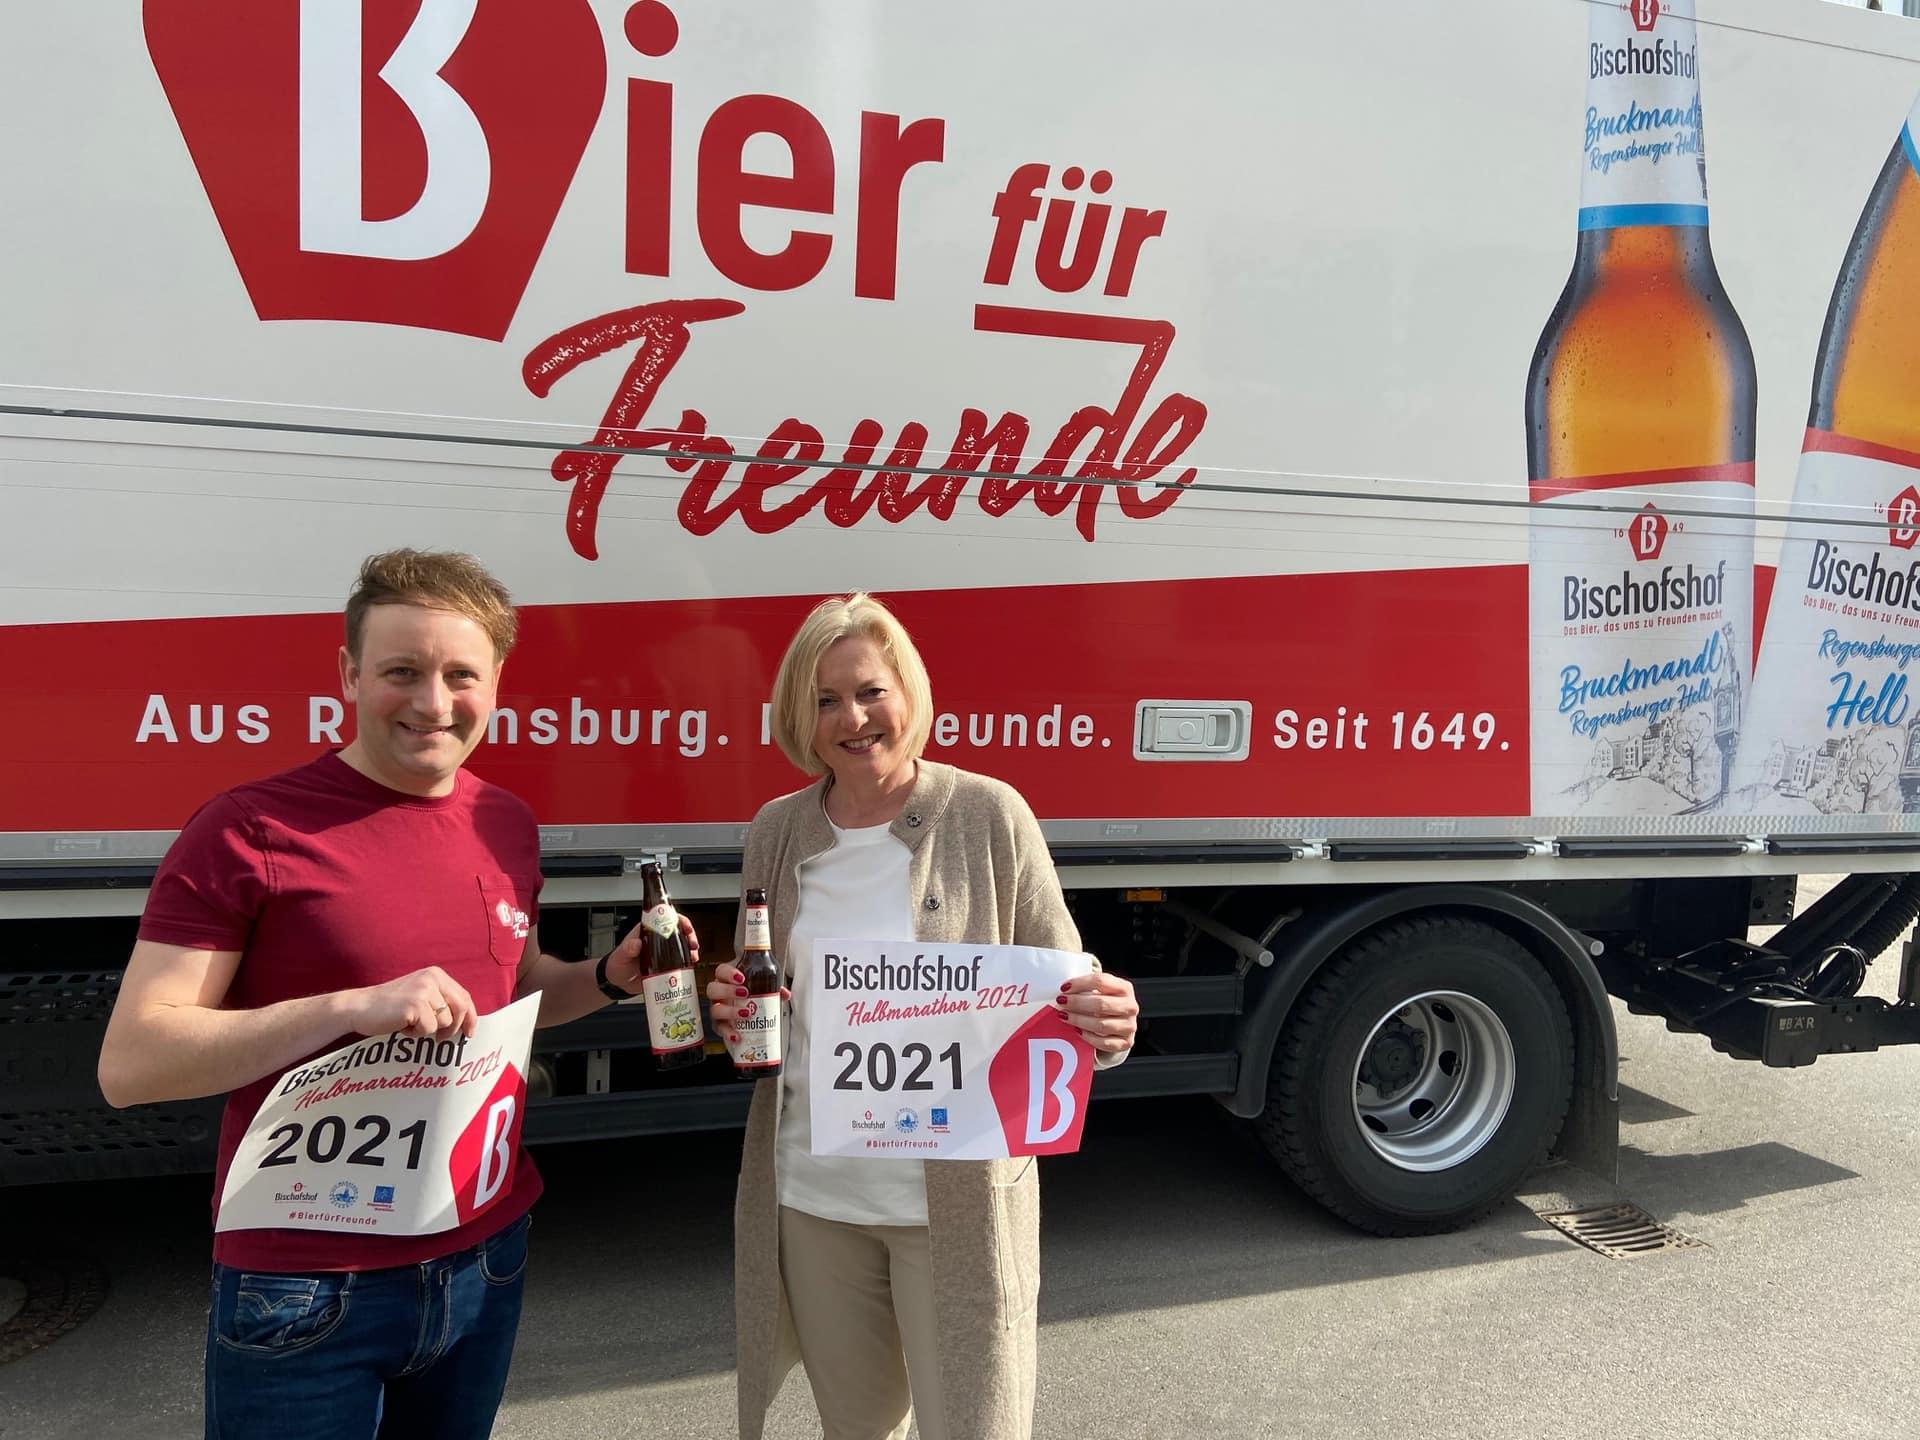 Regensburger Marathon erneut virtuell Anmeldung bis 16. Mai möglich / Kinder laufen ebenfalls viruell